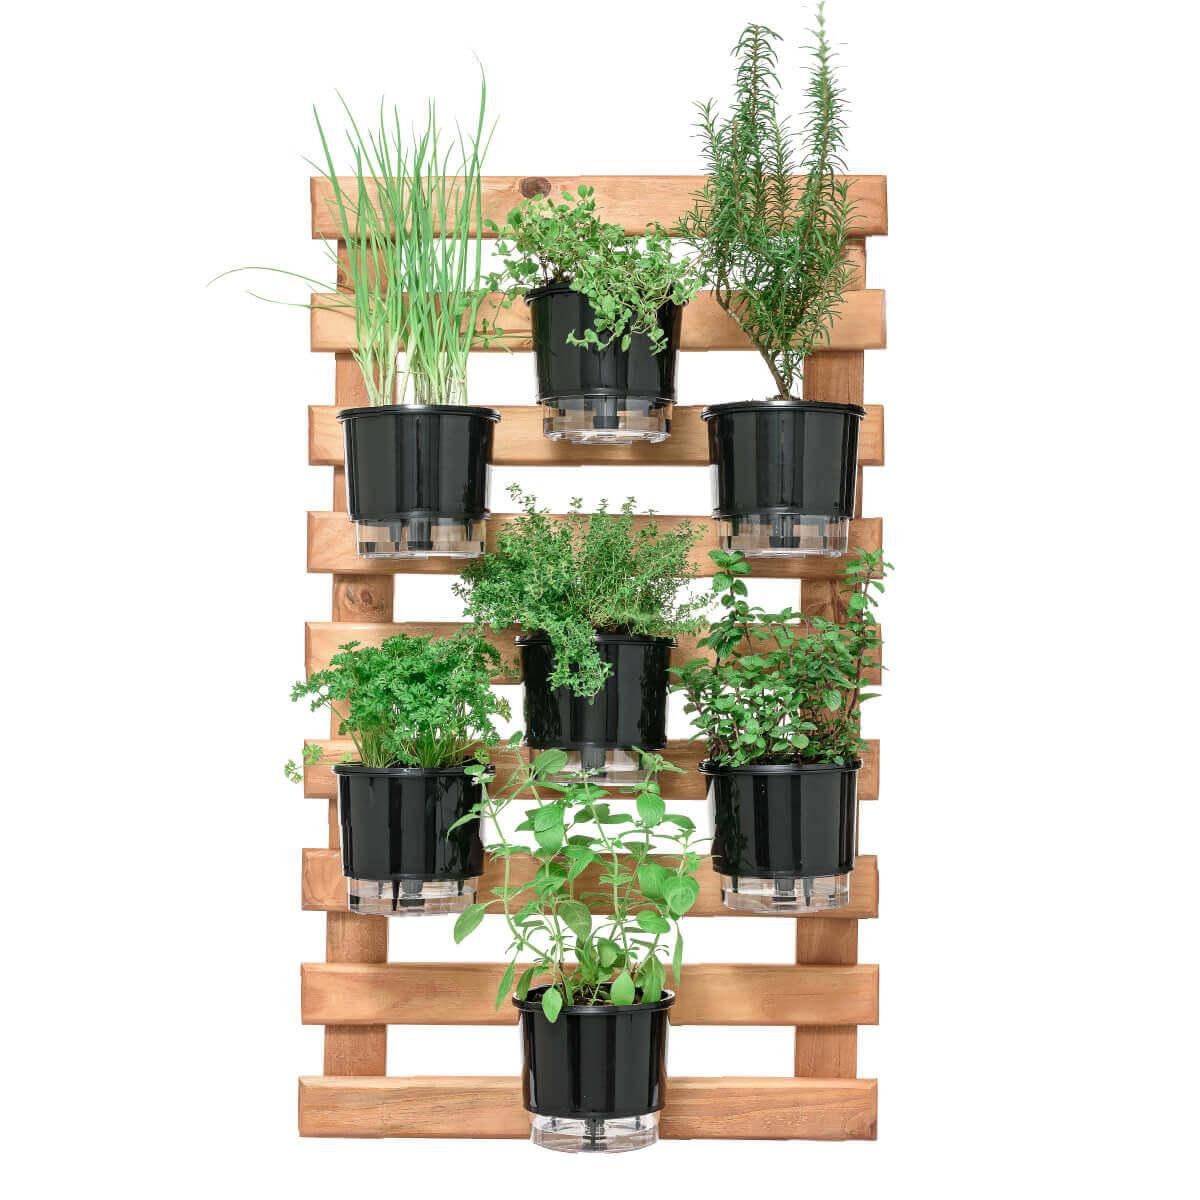 Horta Vertical Caramelo 60cm x 100cm, 7 Vasos e Suporte Preto  - Loja Raiz